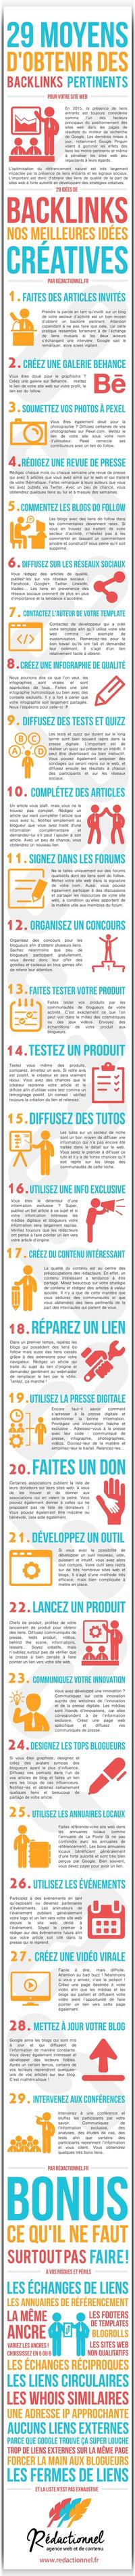 29 astuces SEO pour obtenir des liens externes [Infographie] #Webmarketing | Search engine optimization : SEO | Scoop.it